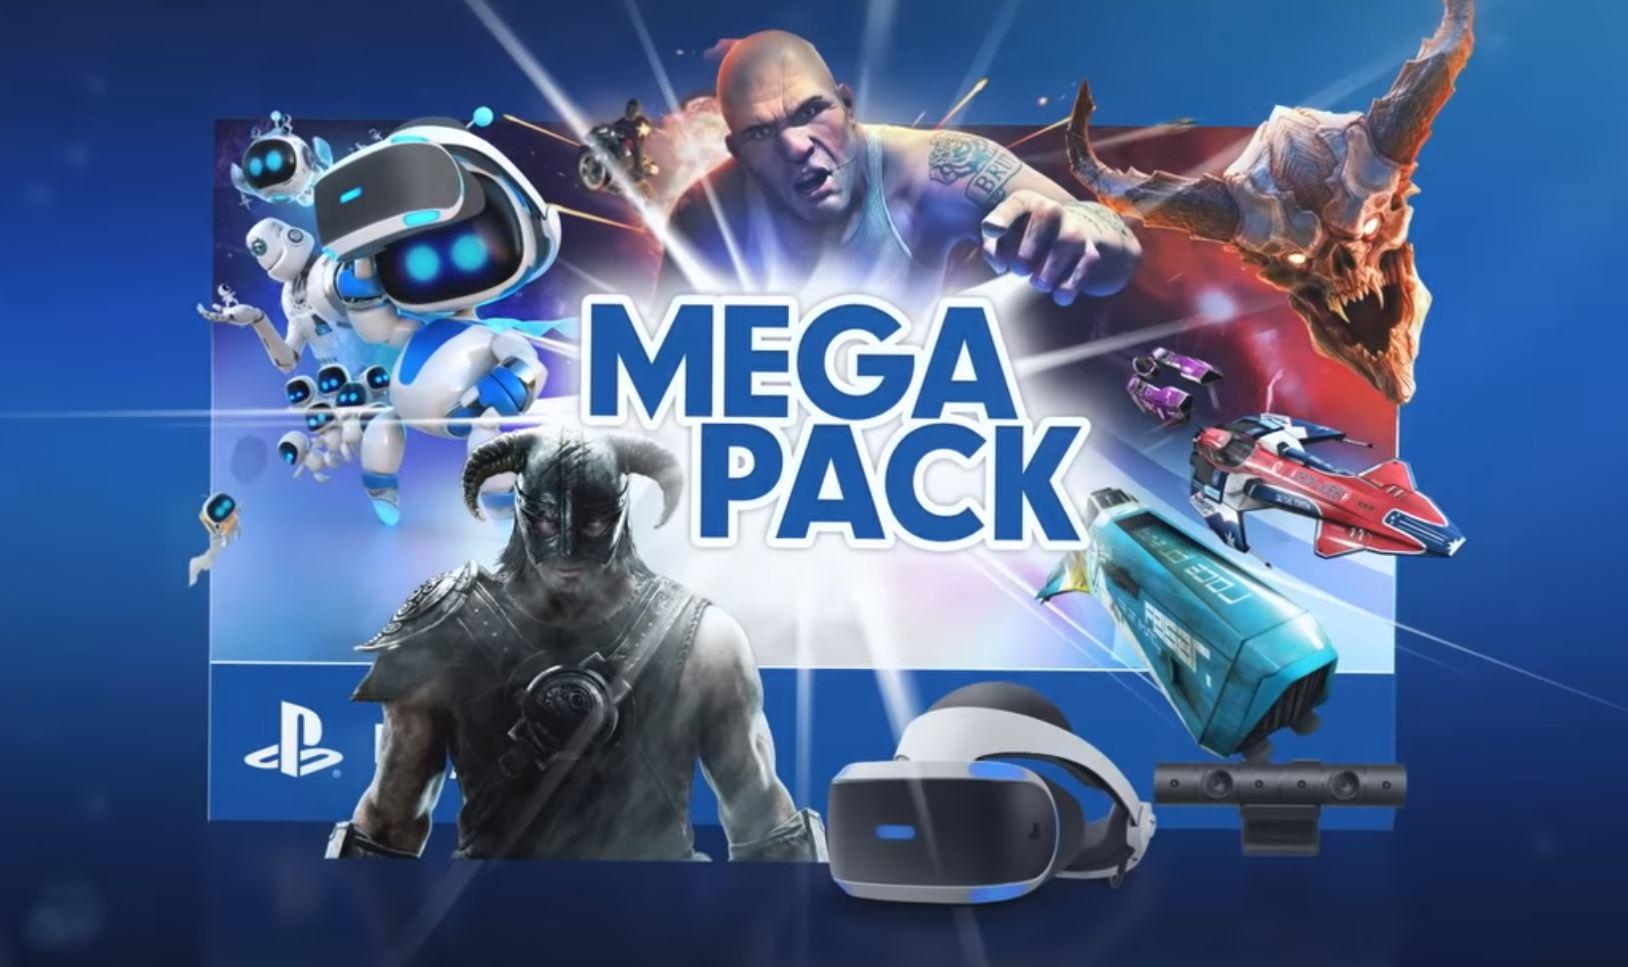 Sony Days of Play: Playstation VR Megapack für 229 Euro und weitere Deals (letzte Chance!)